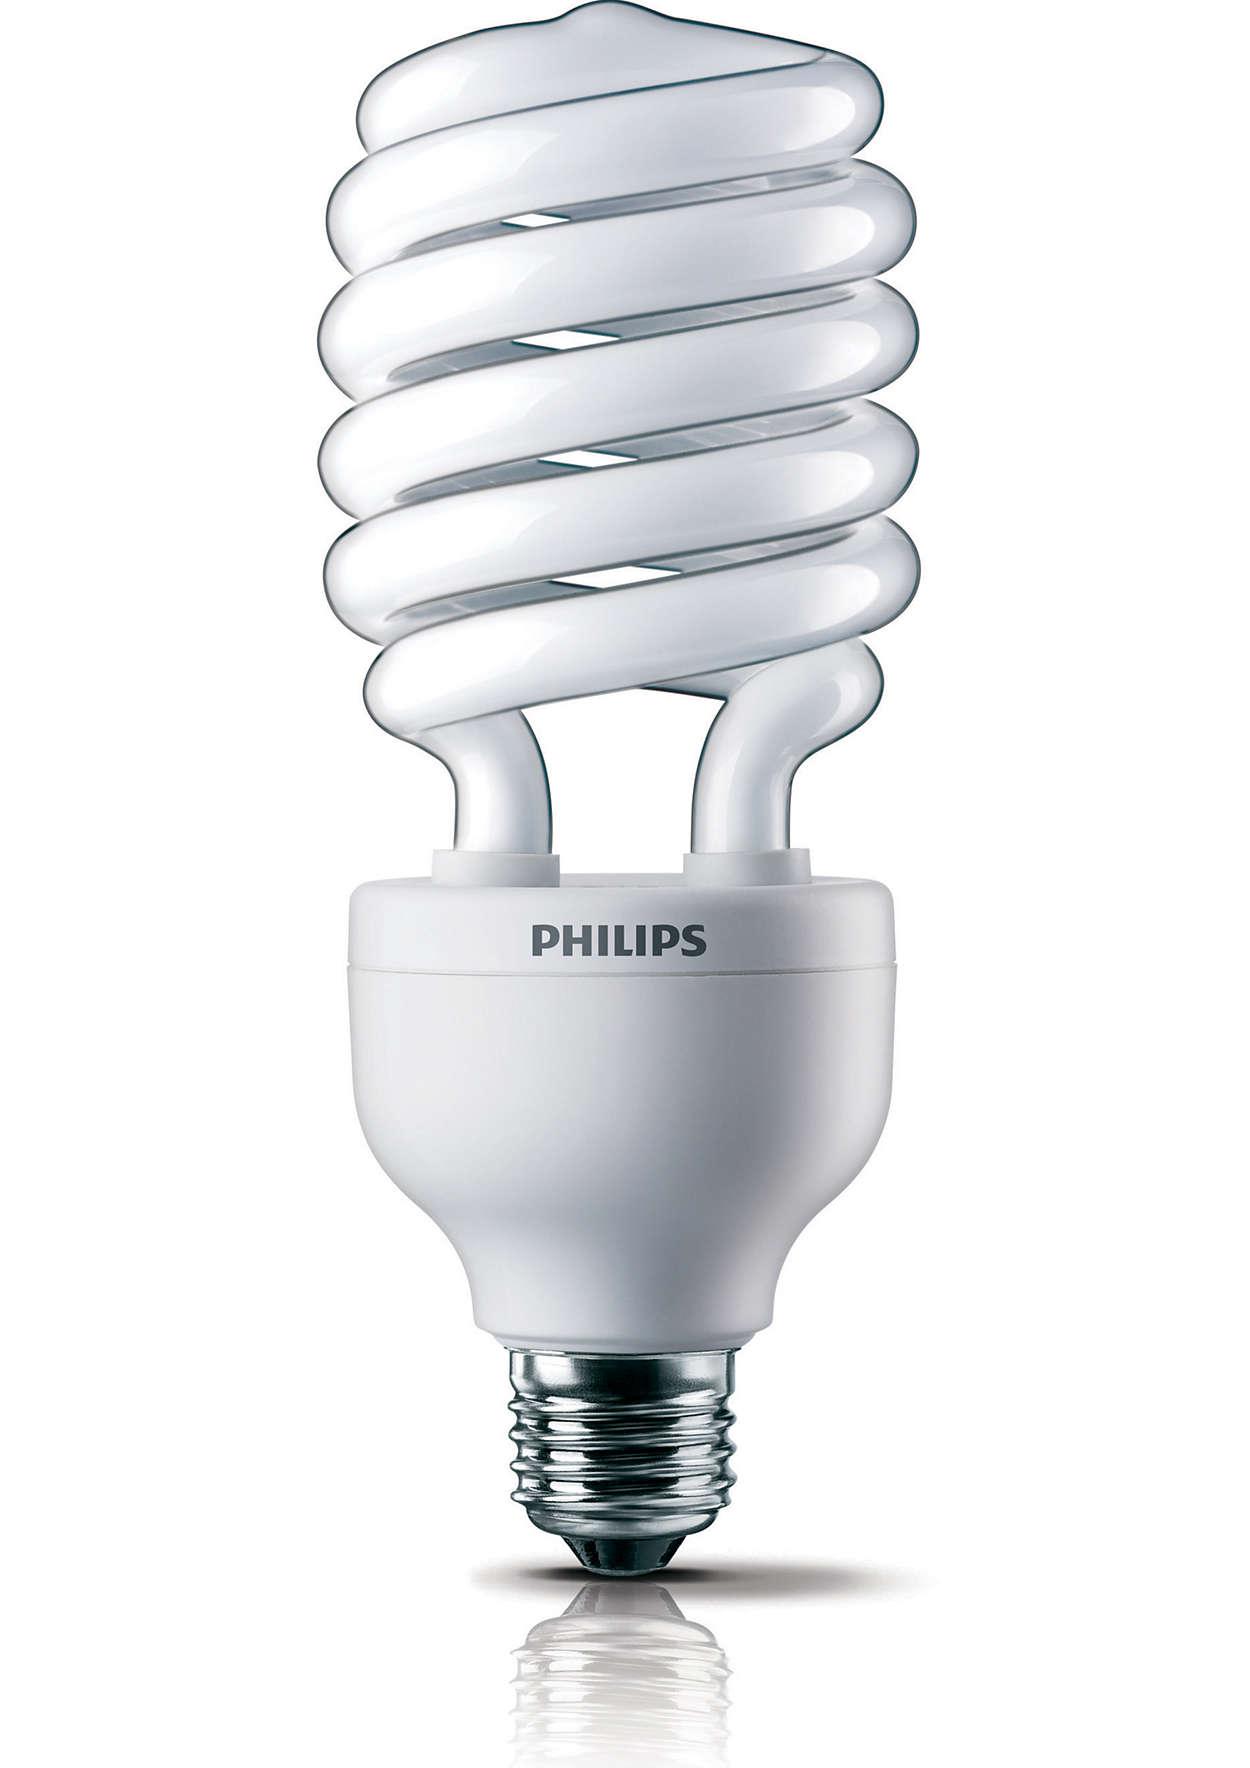 L mpara espiral de bajo consumo 8710163216768 philips - Focos de bajo consumo para exterior ...